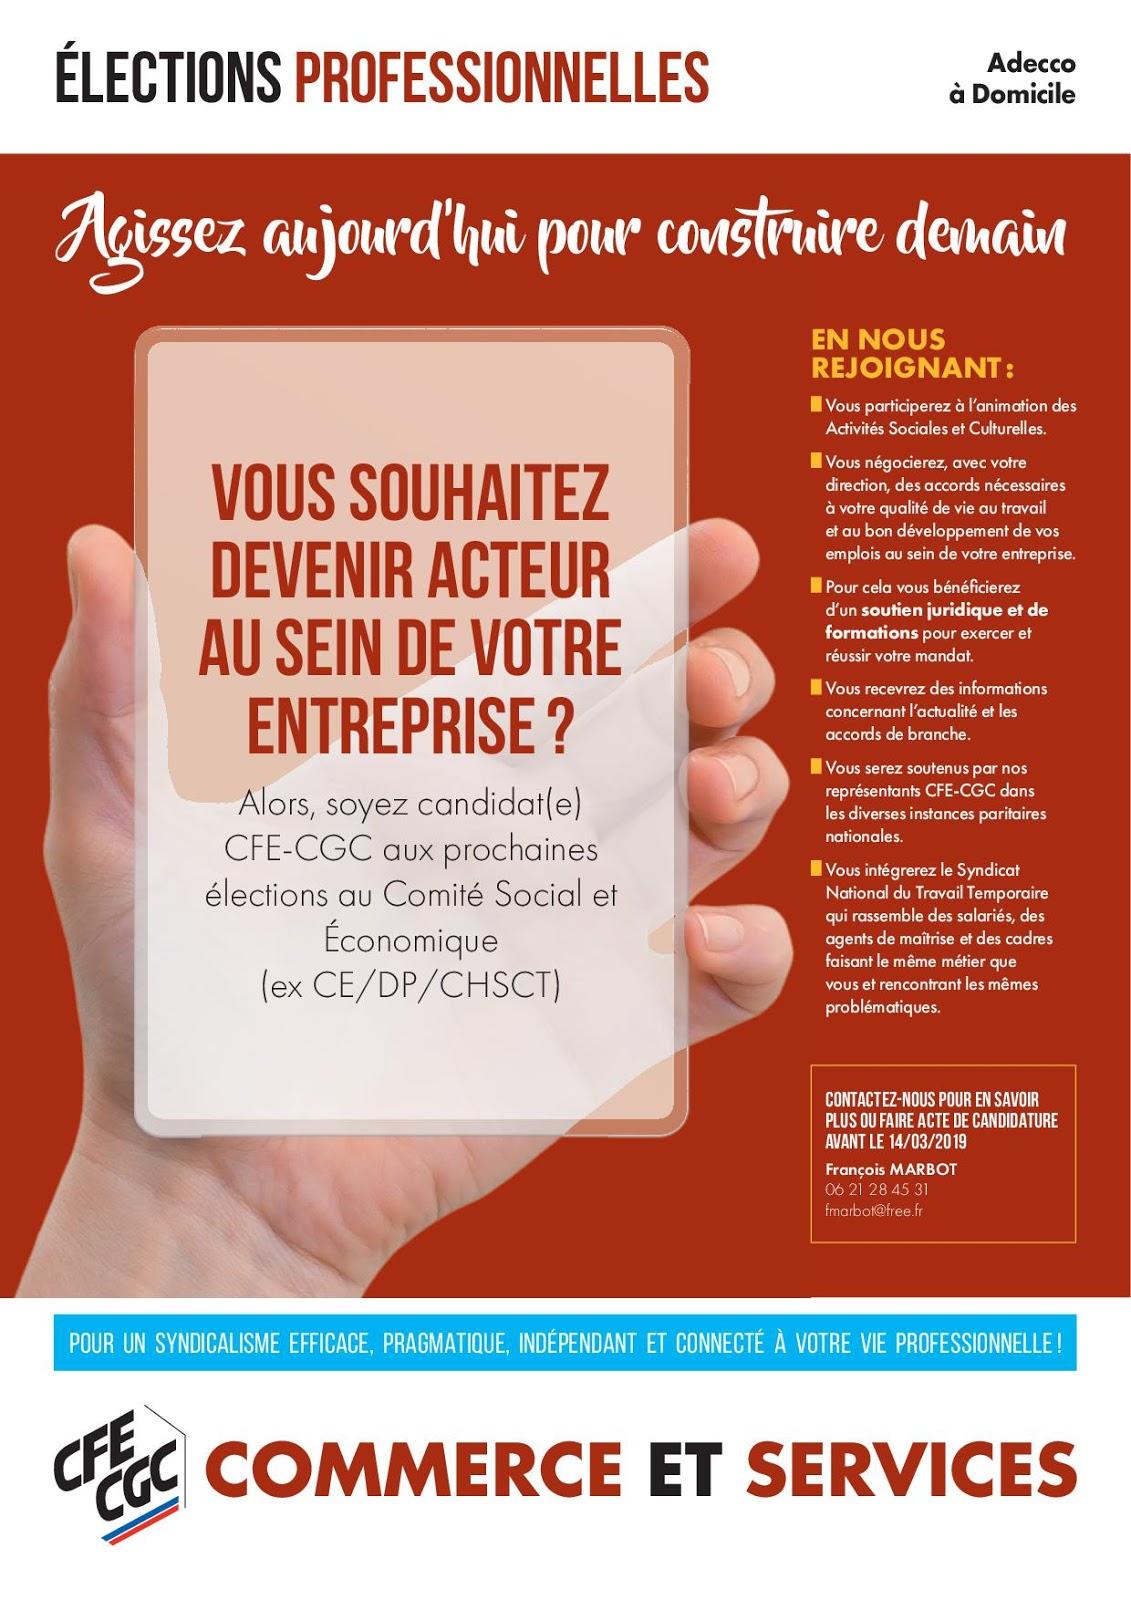 CFE-CGC Adecco: Adecco à domicile : cadres, présentez-vous aux